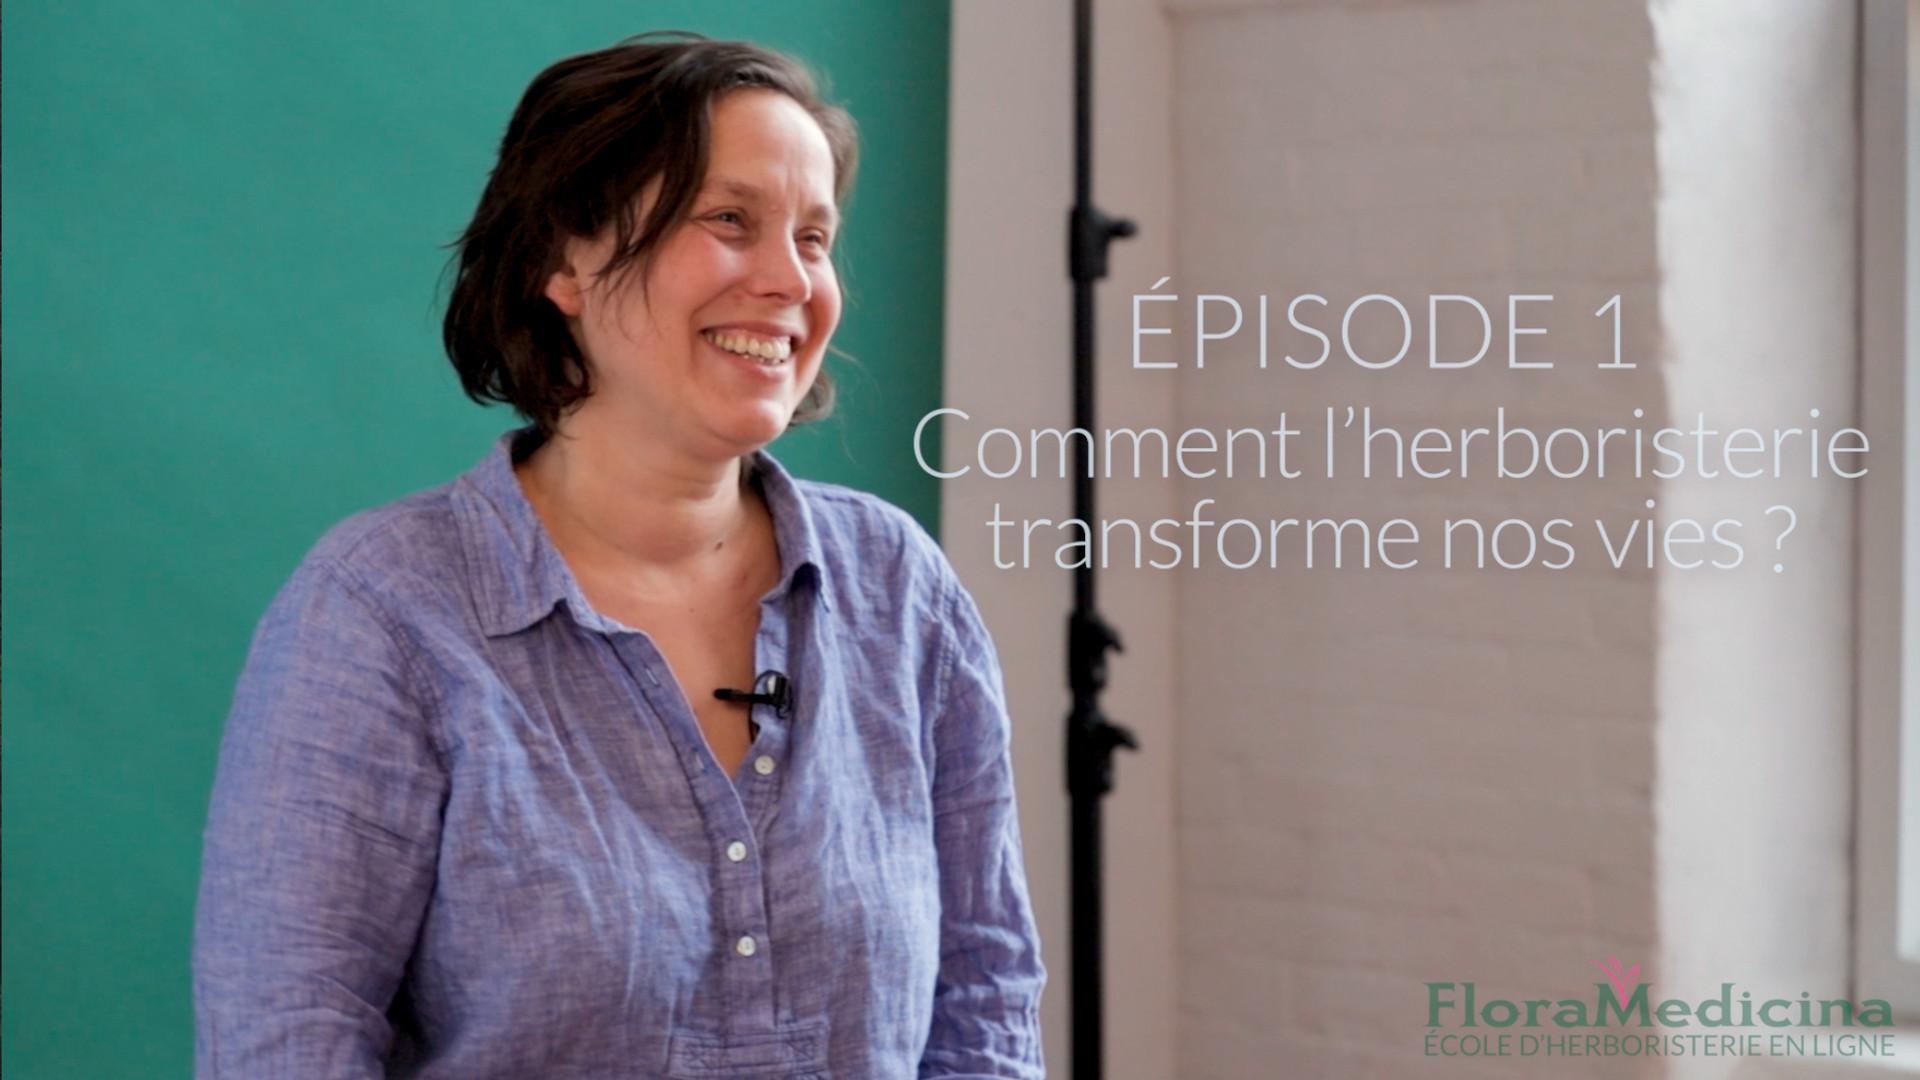 Entrevue avec Caroline Gagnon - FloraMedicina